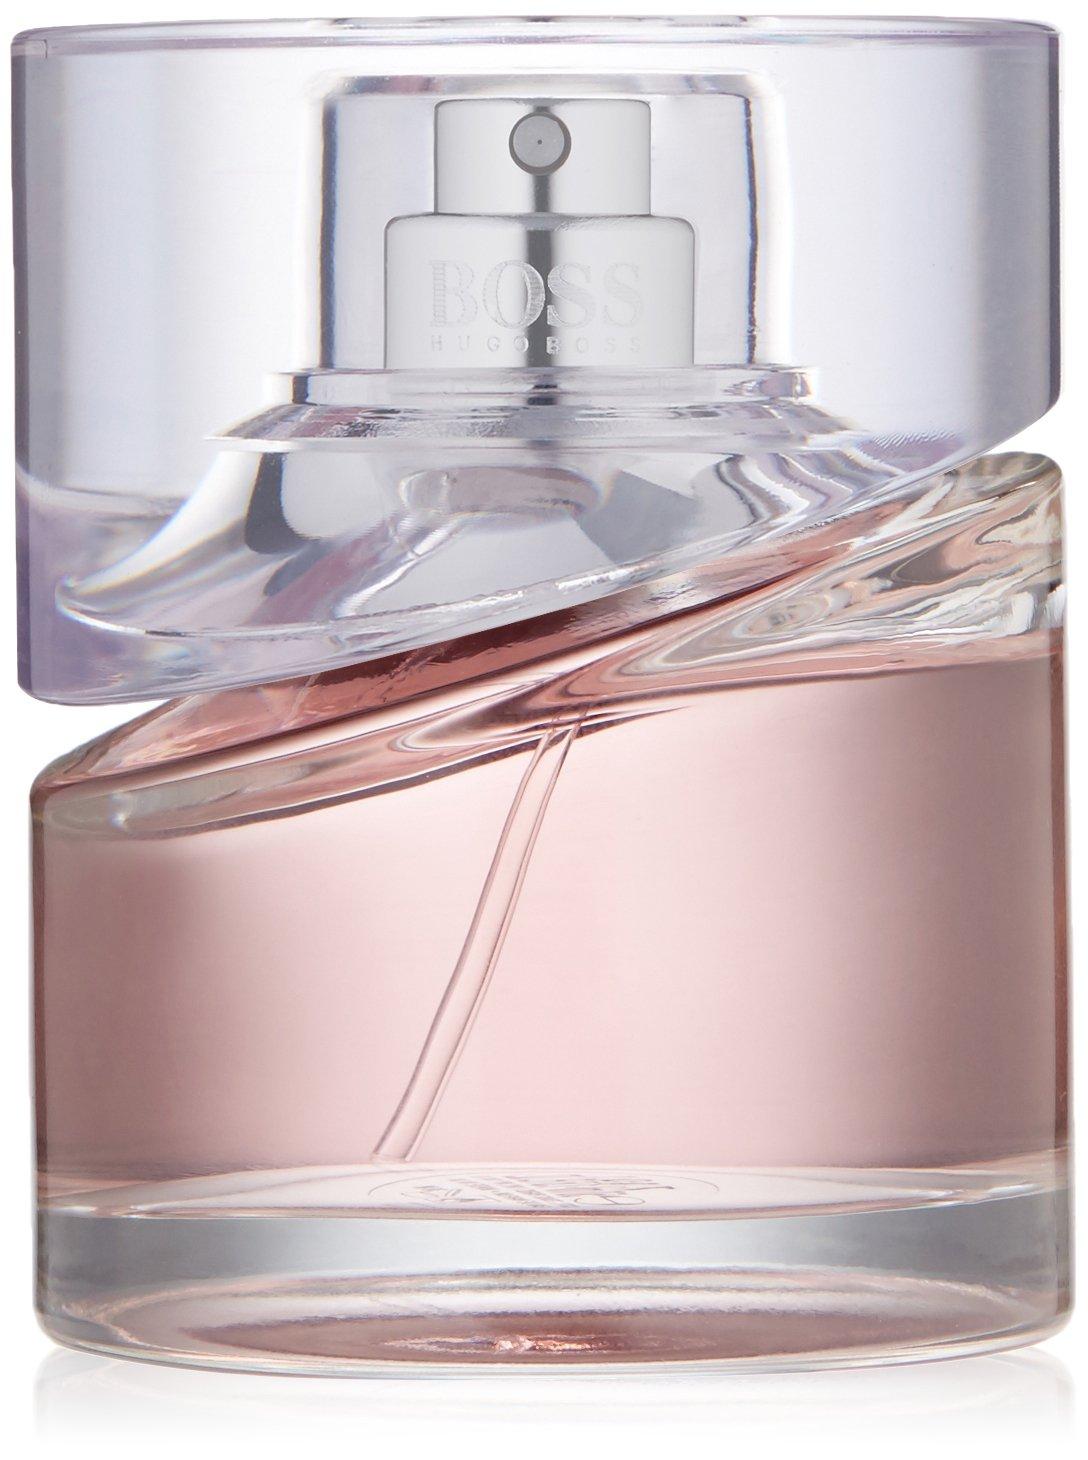 Hugo Boss Boss Femme femme/woman, Eau de Parfum, Vaporisateur/Spray, 50 ml 151163 27873